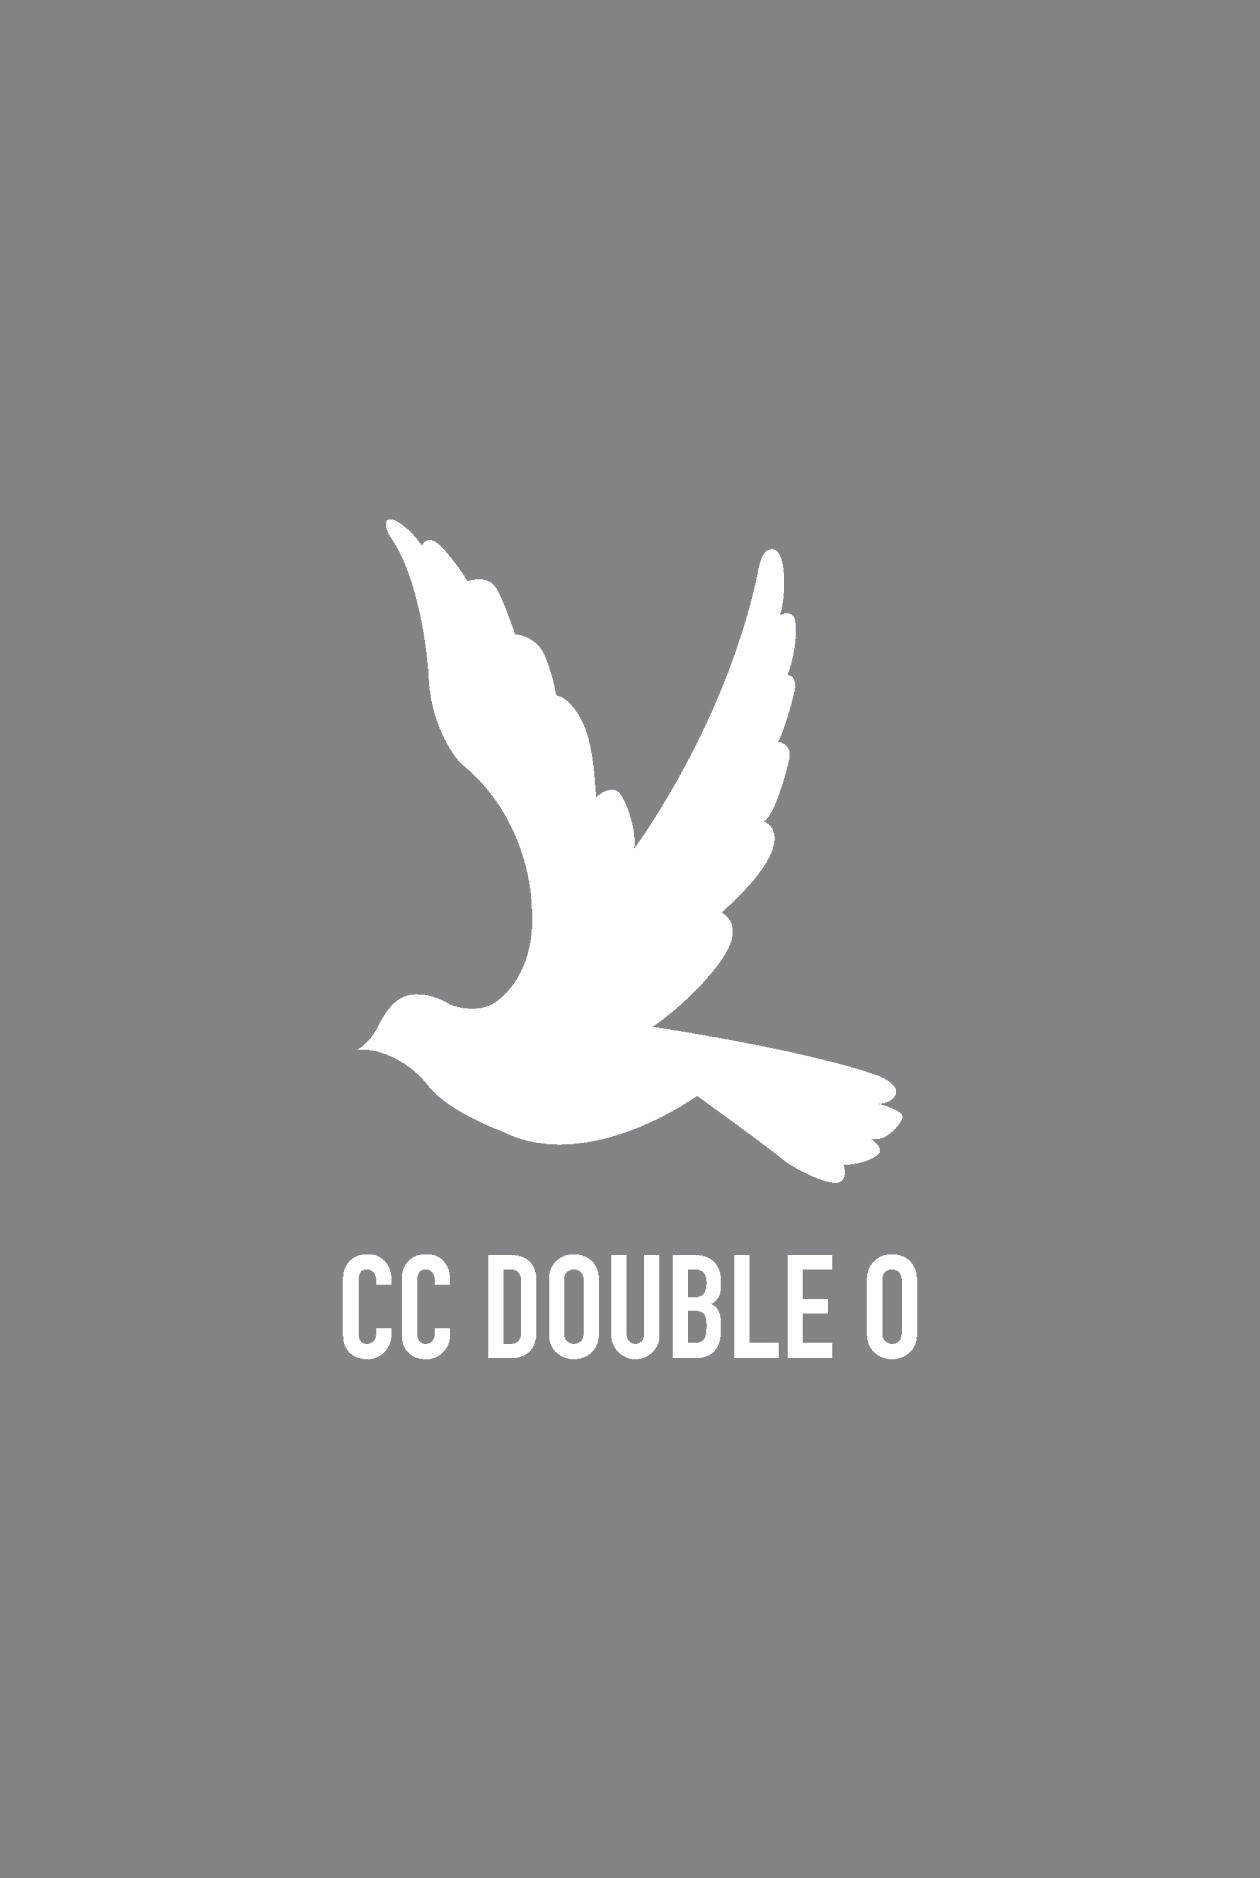 BIRD LOGO POLO WITH LOGO TRIM COLLAR DETAIL